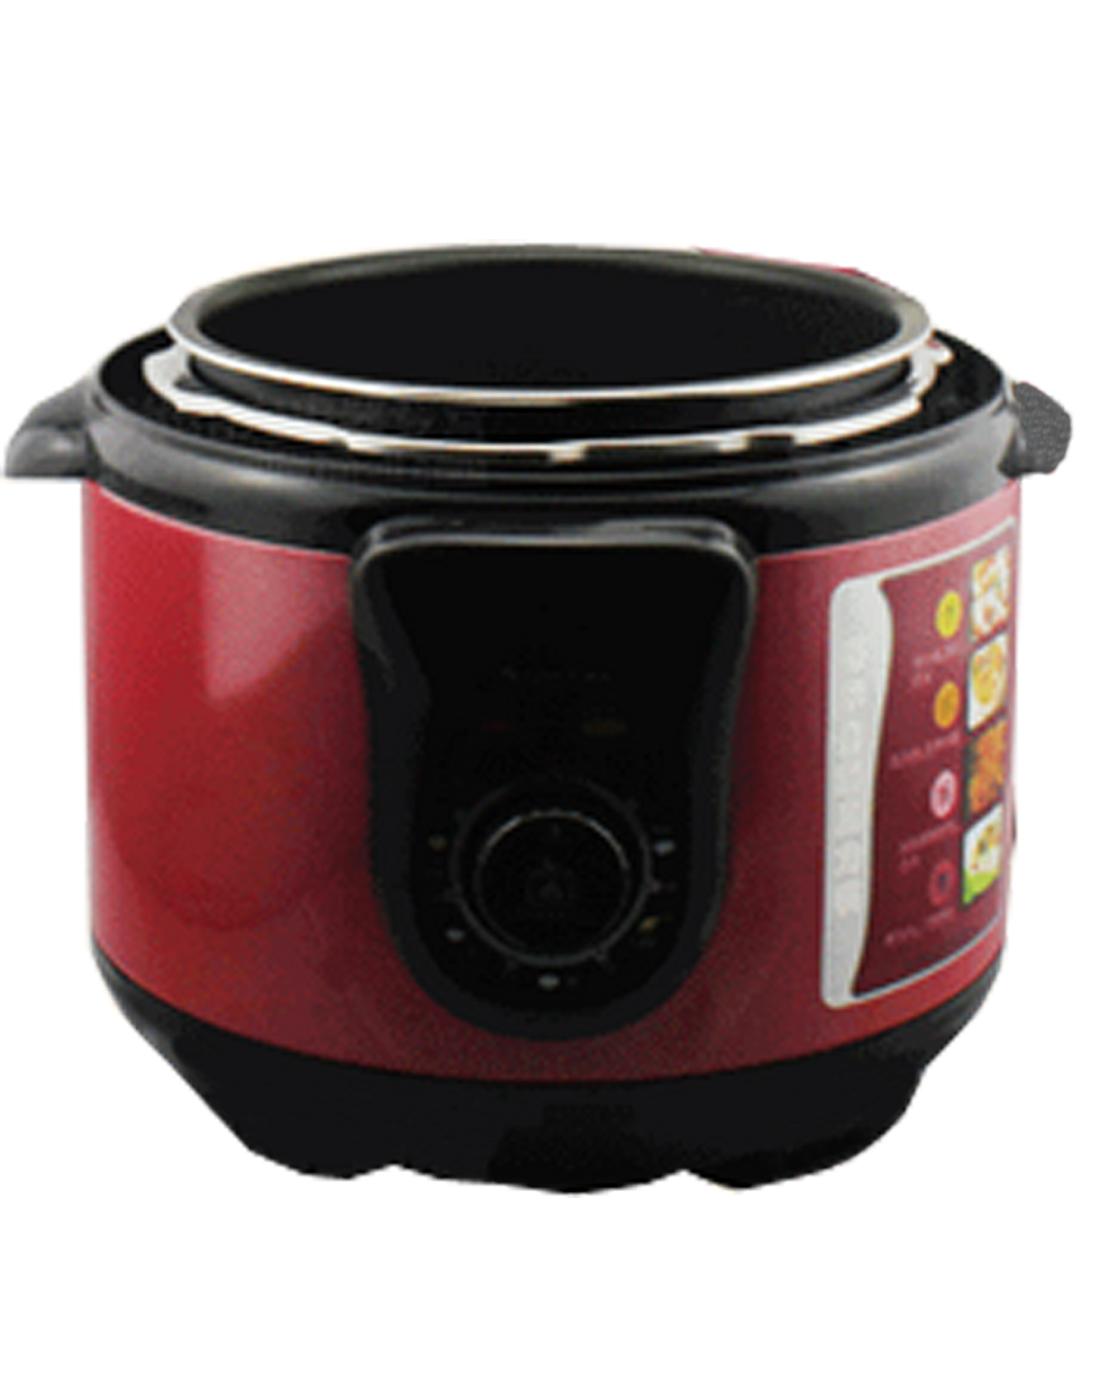 电压力锅,可拆锅盖连体结构,更易清洗,不绣钢外锅,到点琴音提示